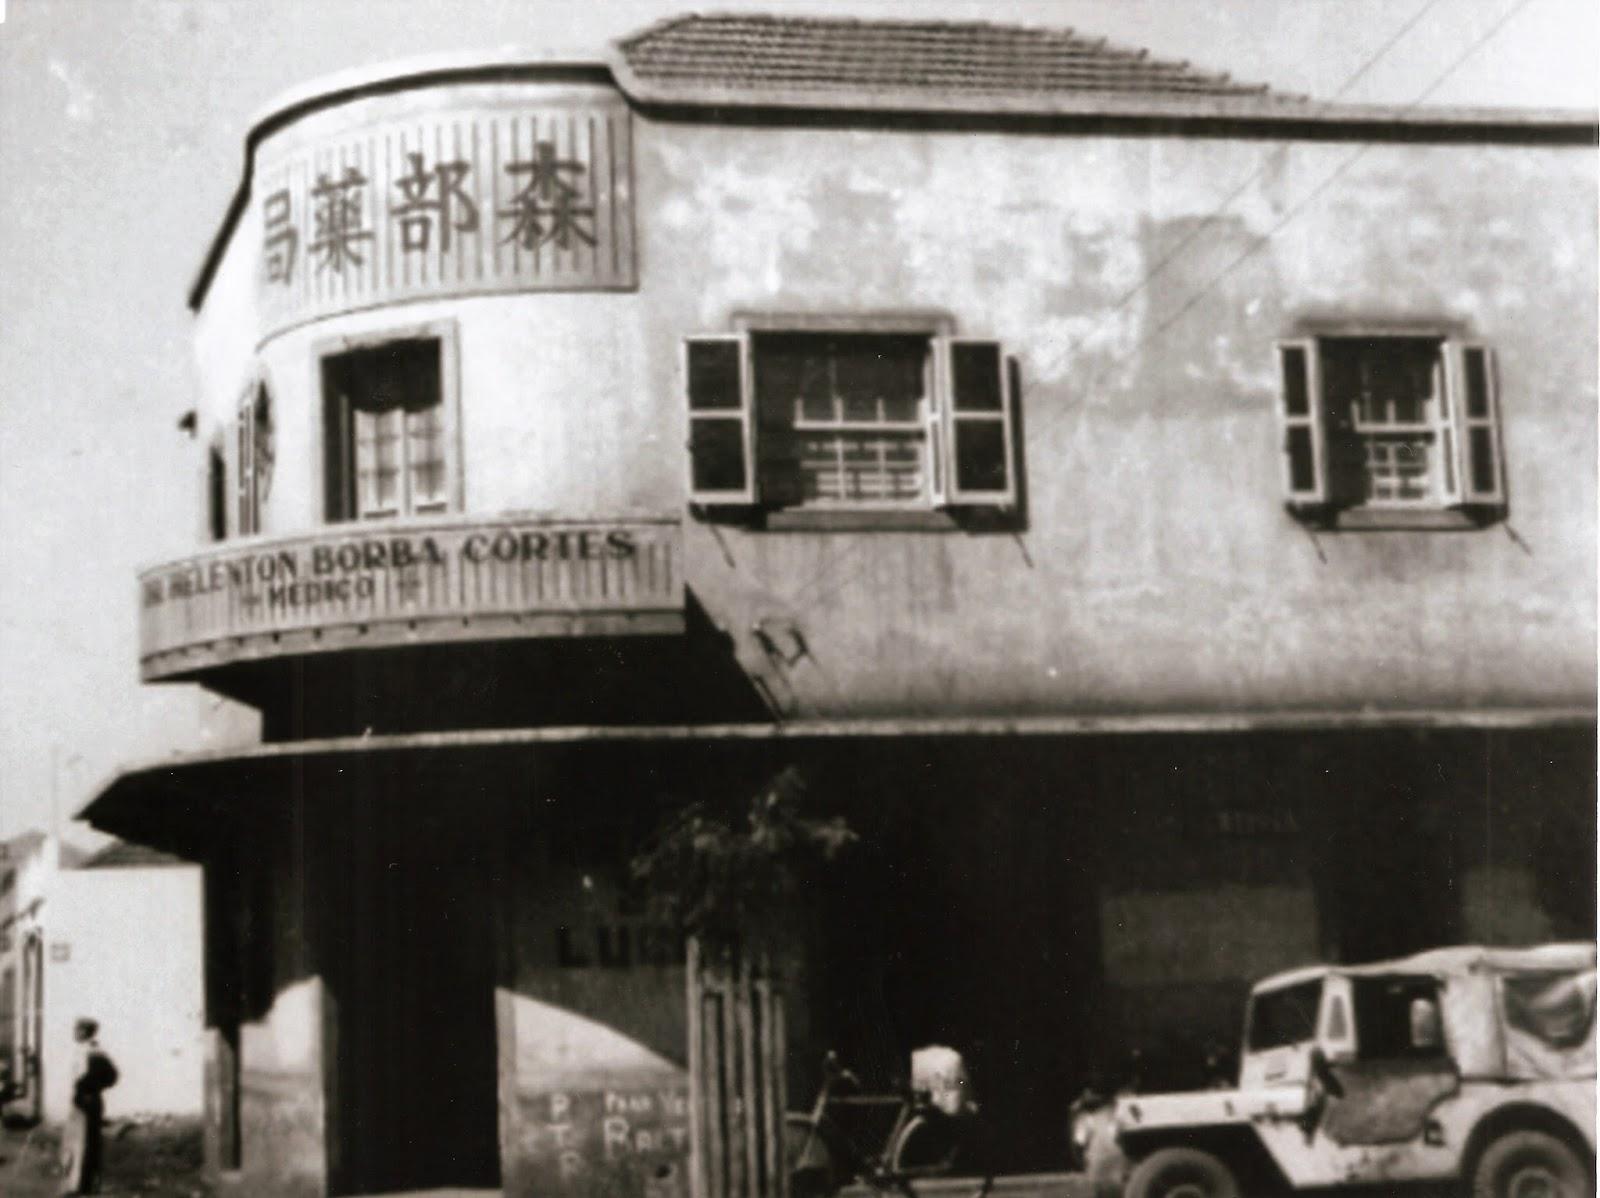 Farmácia Lucas e Clínica do Dr. Hélenton Borba Côrtes - Década de 1950